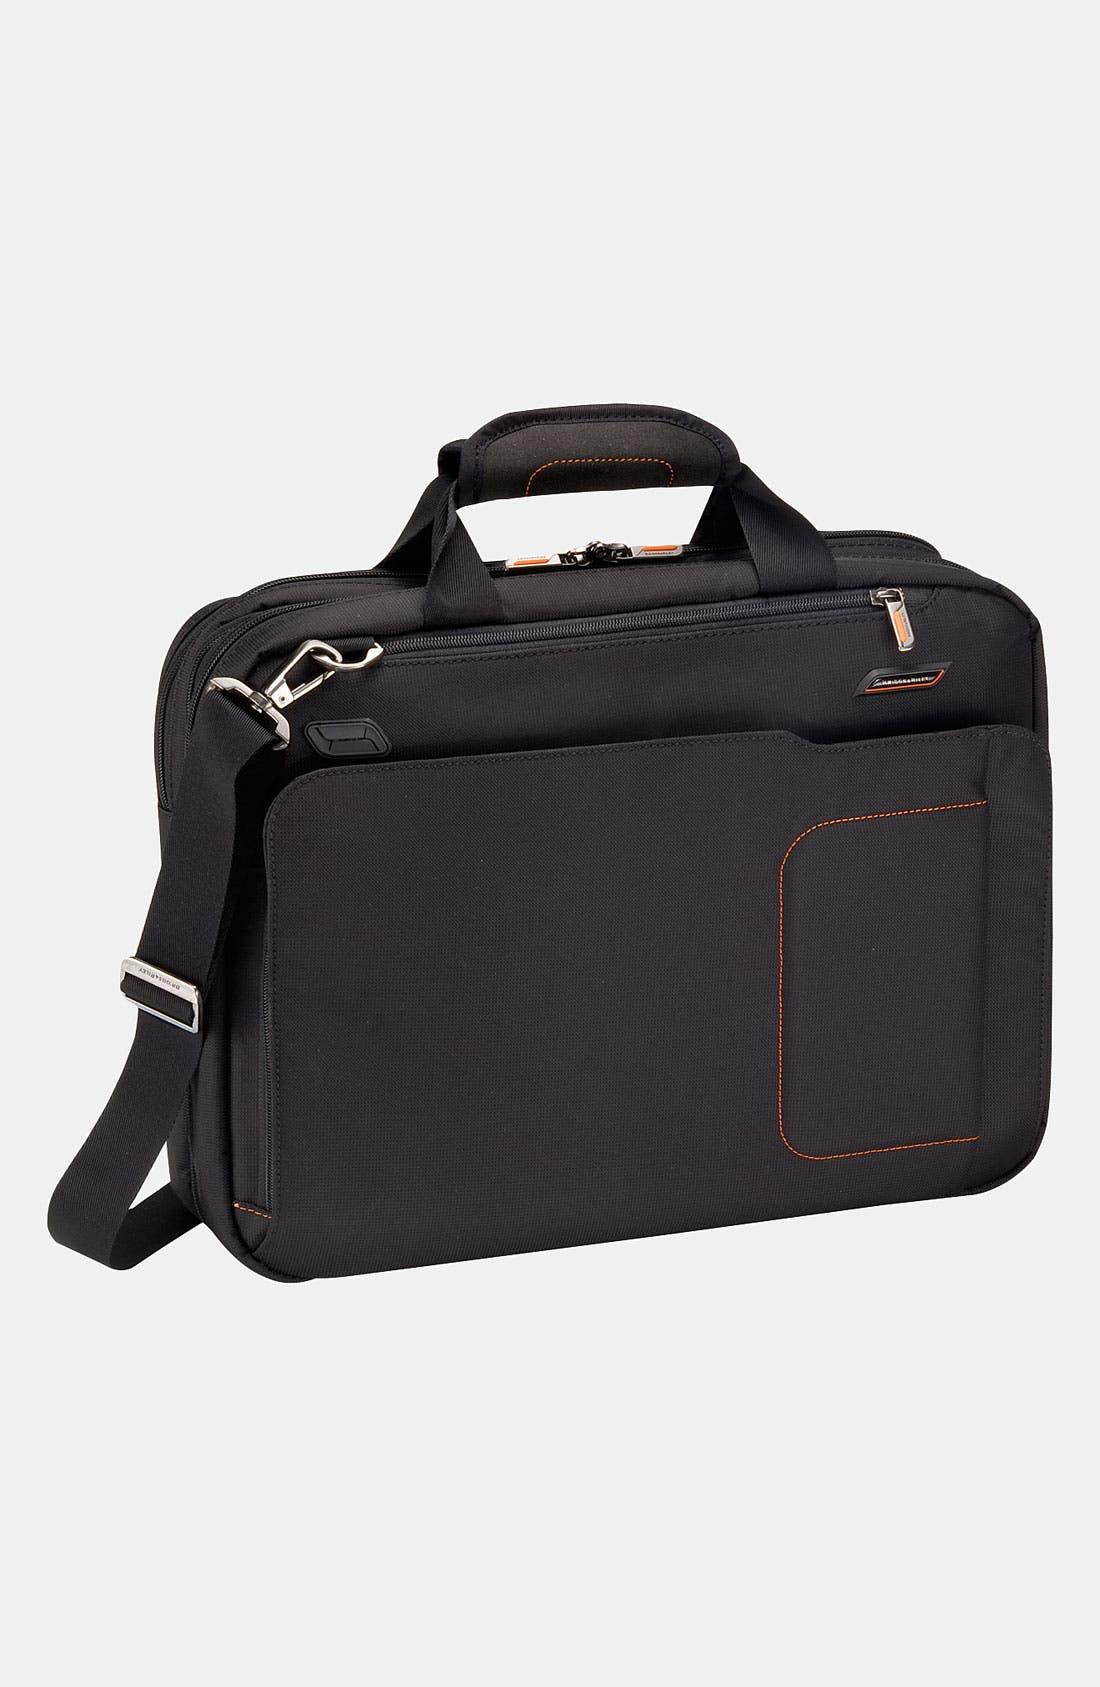 Main Image - Briggs & Riley 'Verb - Mach Medium' Briefcase